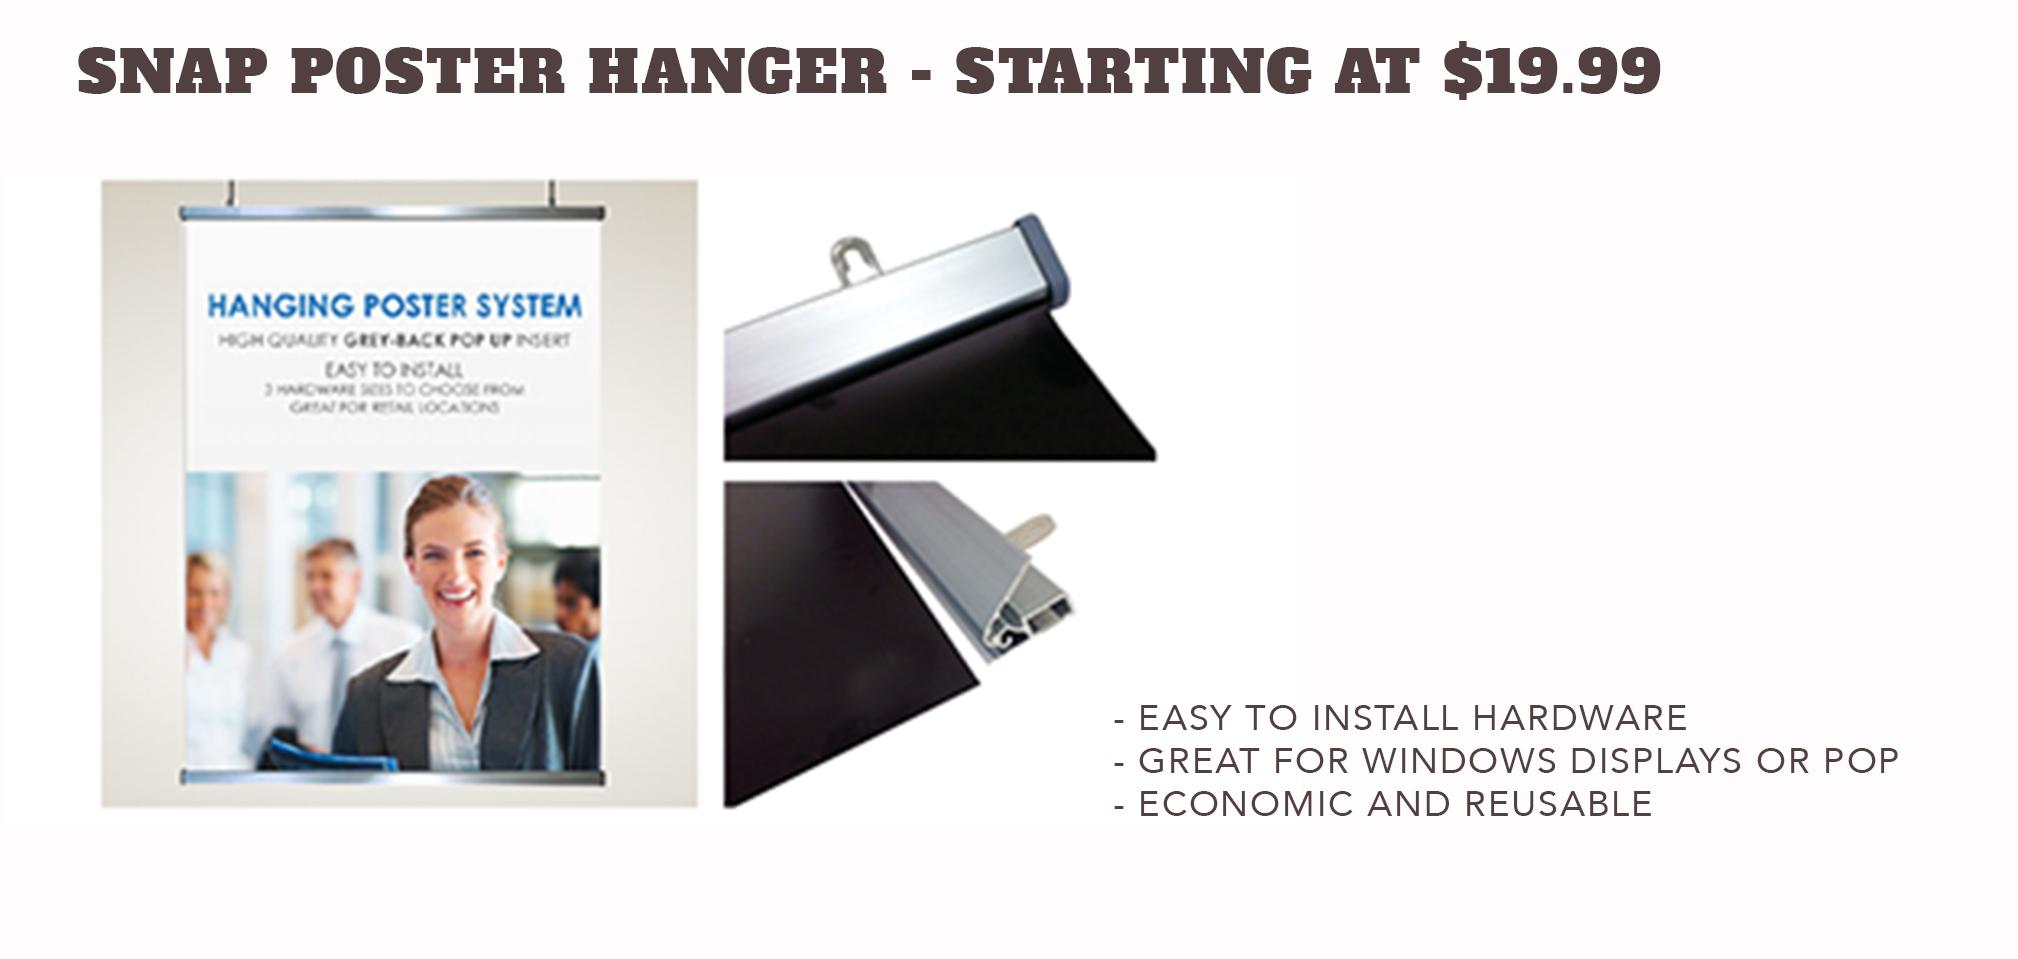 SNAP Poster Hanger - Starting at $19.99